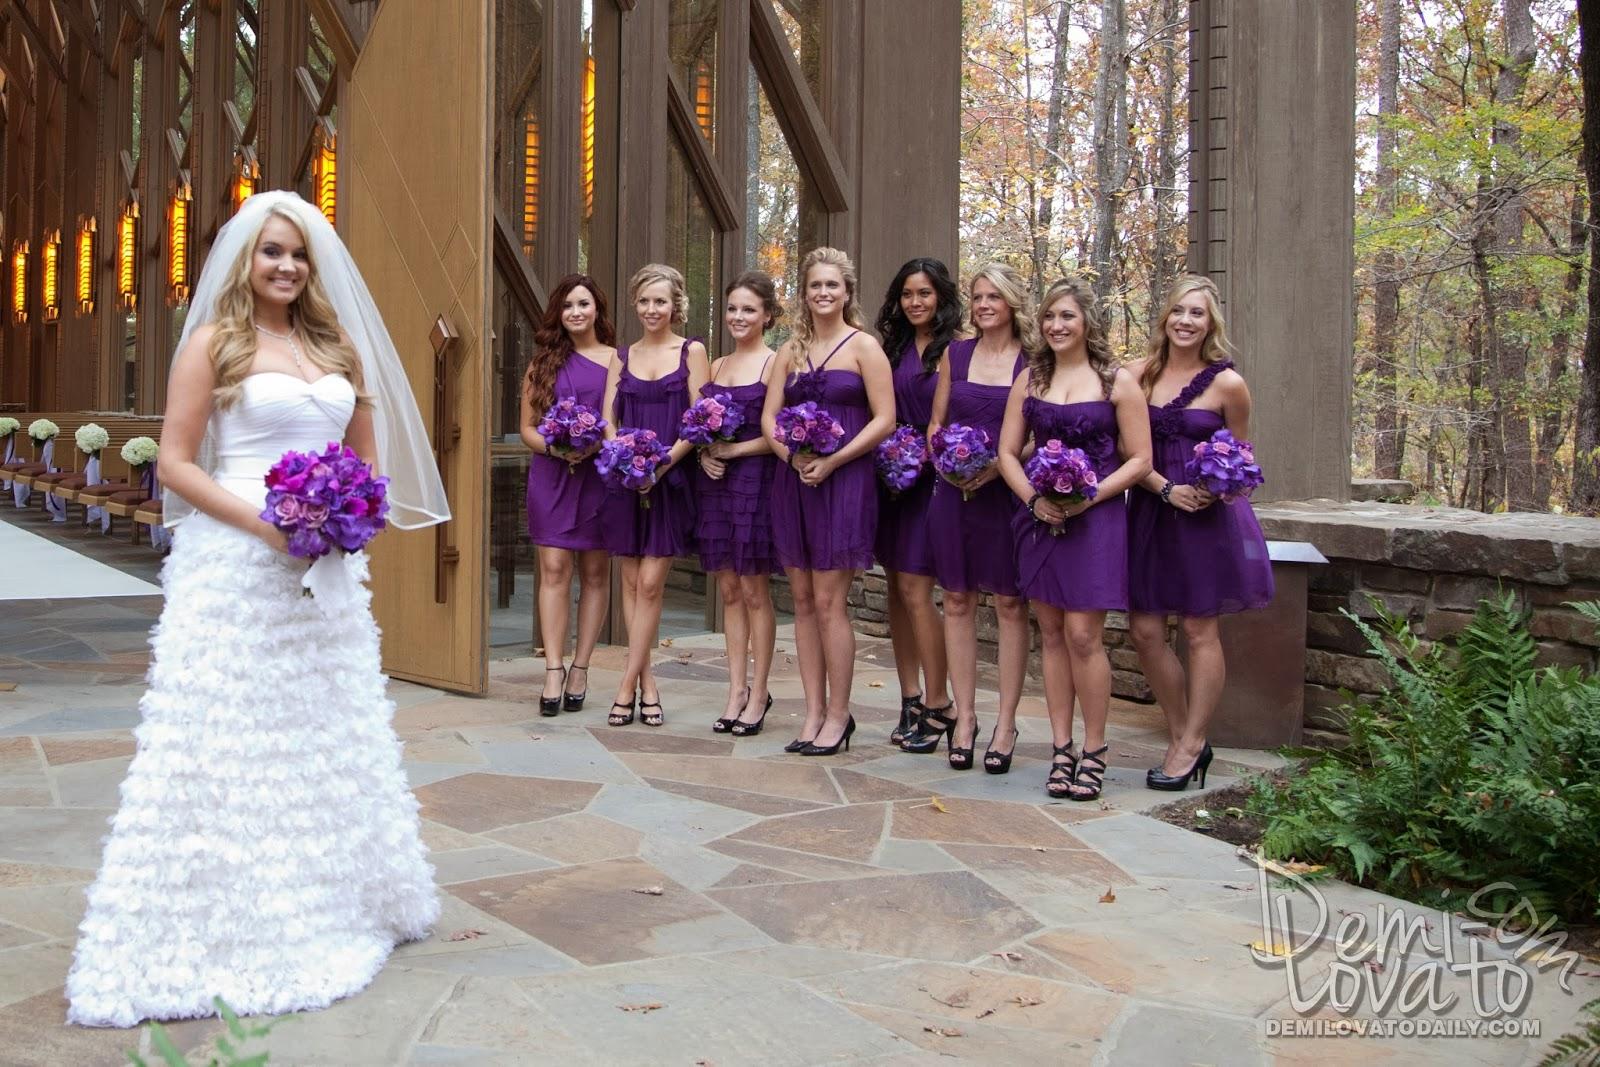 Что вытворяют на свадьбах фото 17 фотография